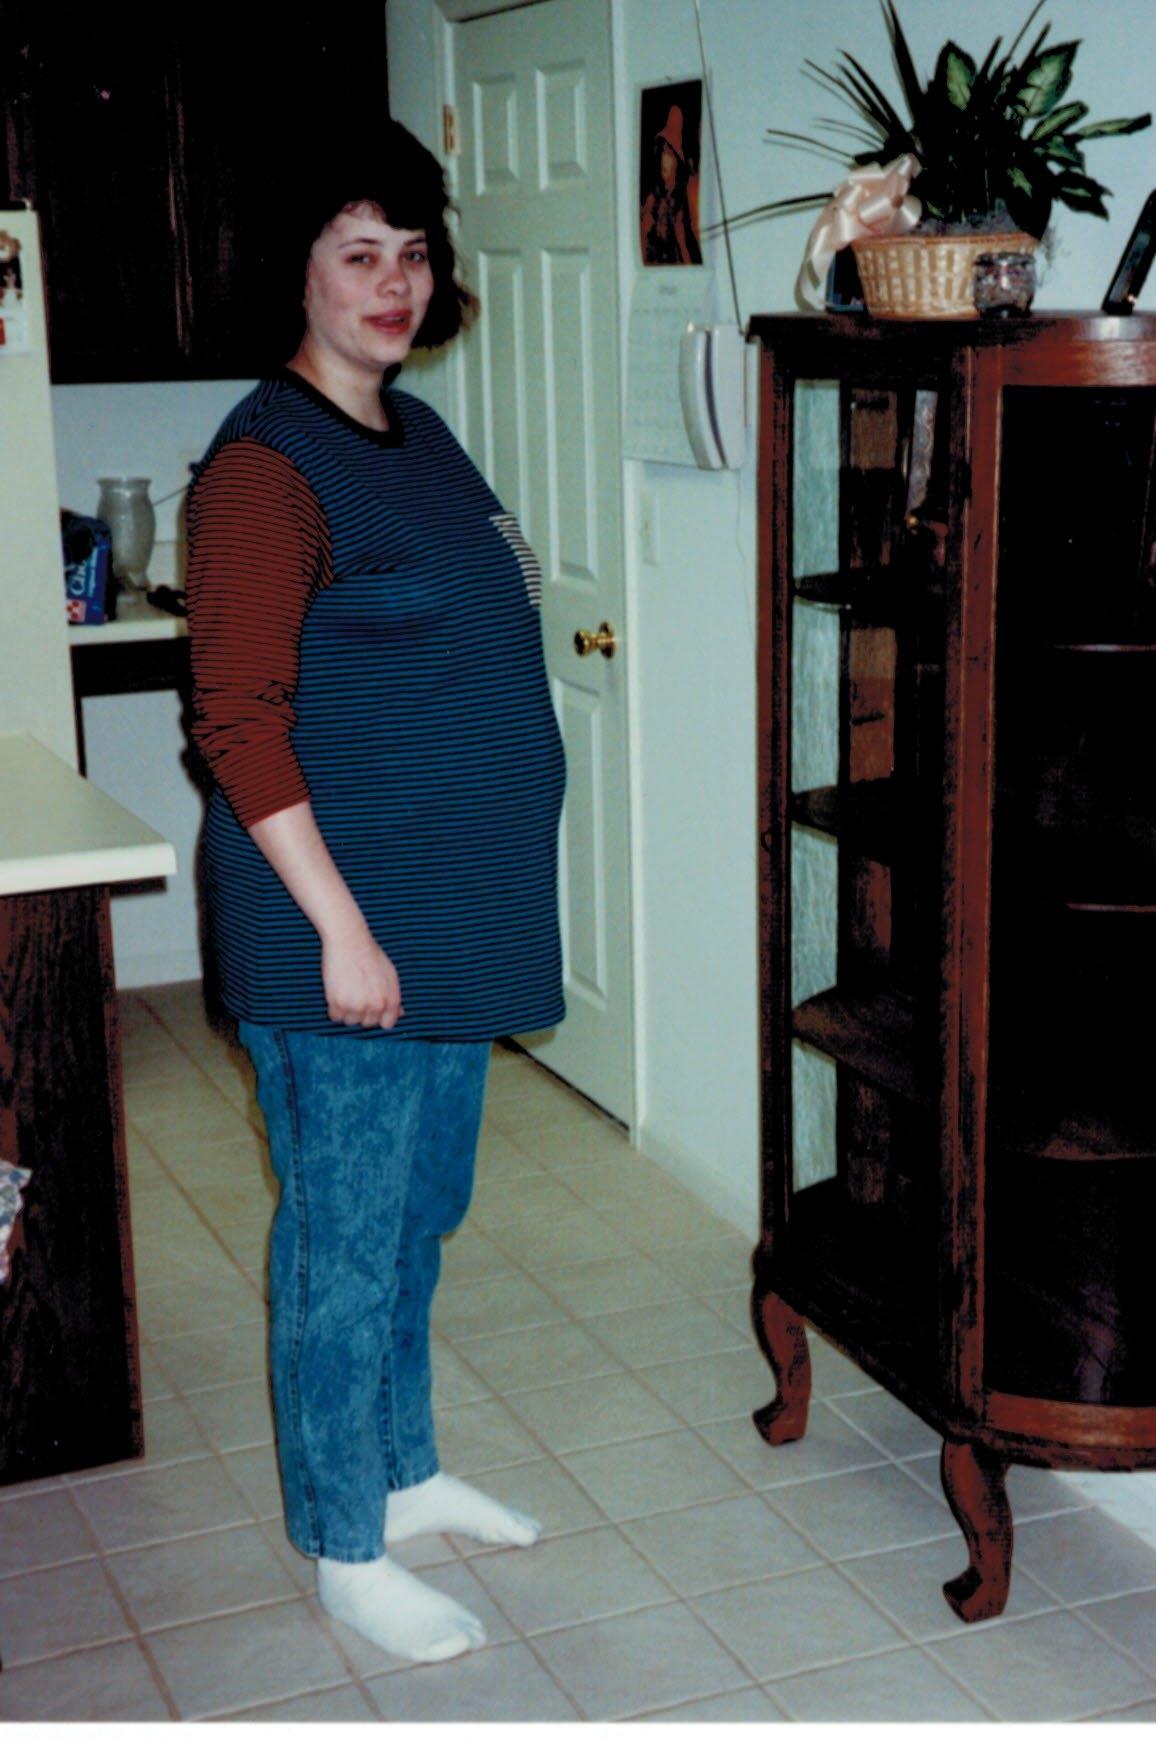 Lisa Lederer first pregnancy